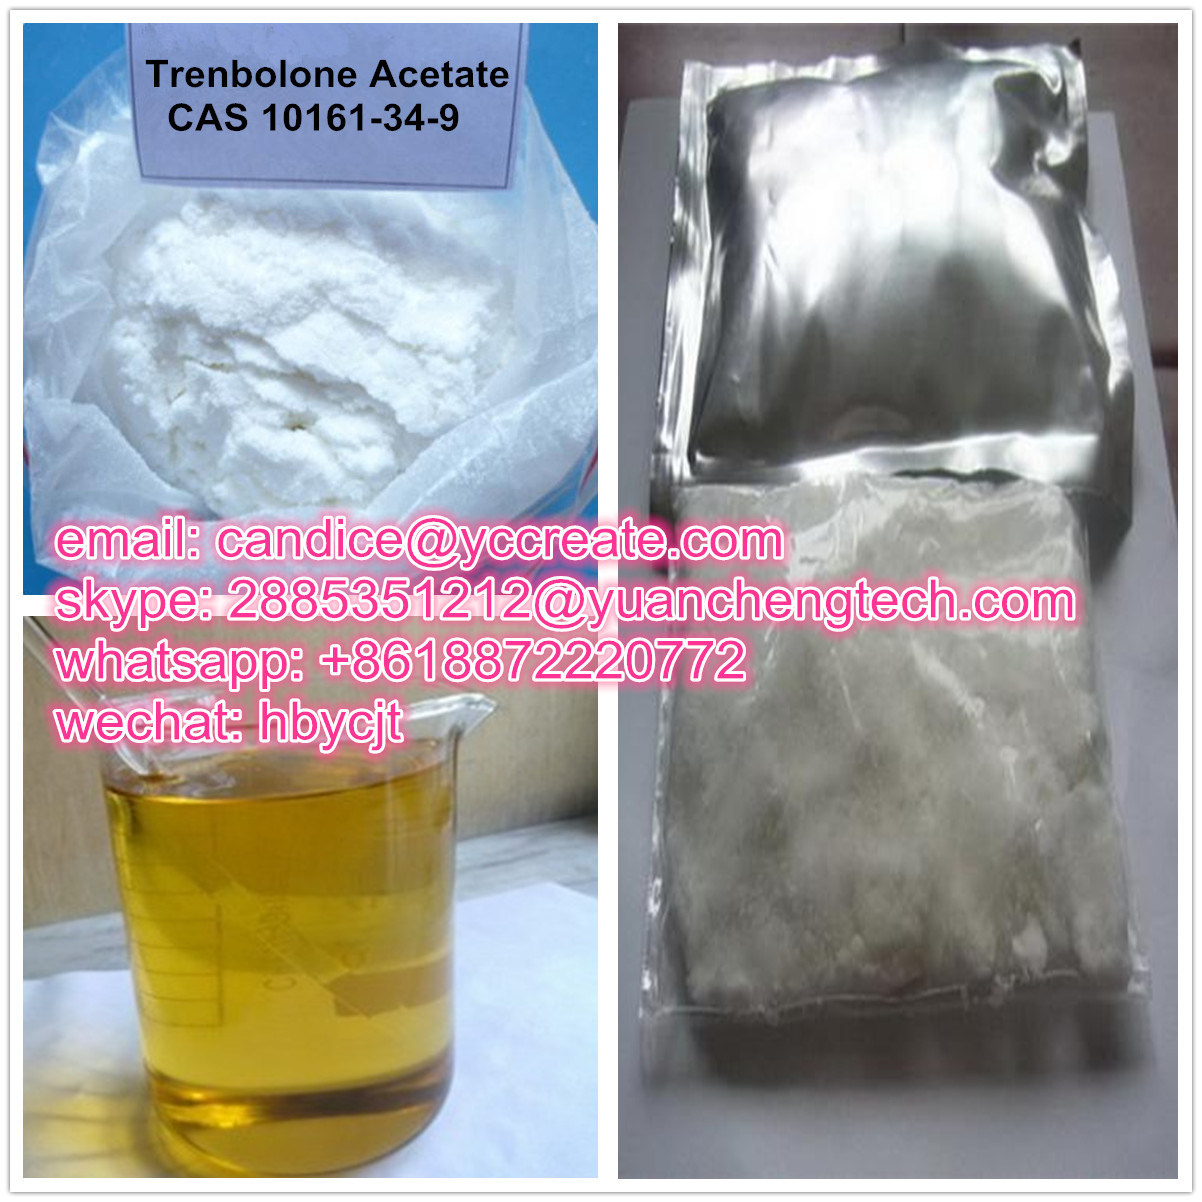 High Quality Trenbolone Acetate